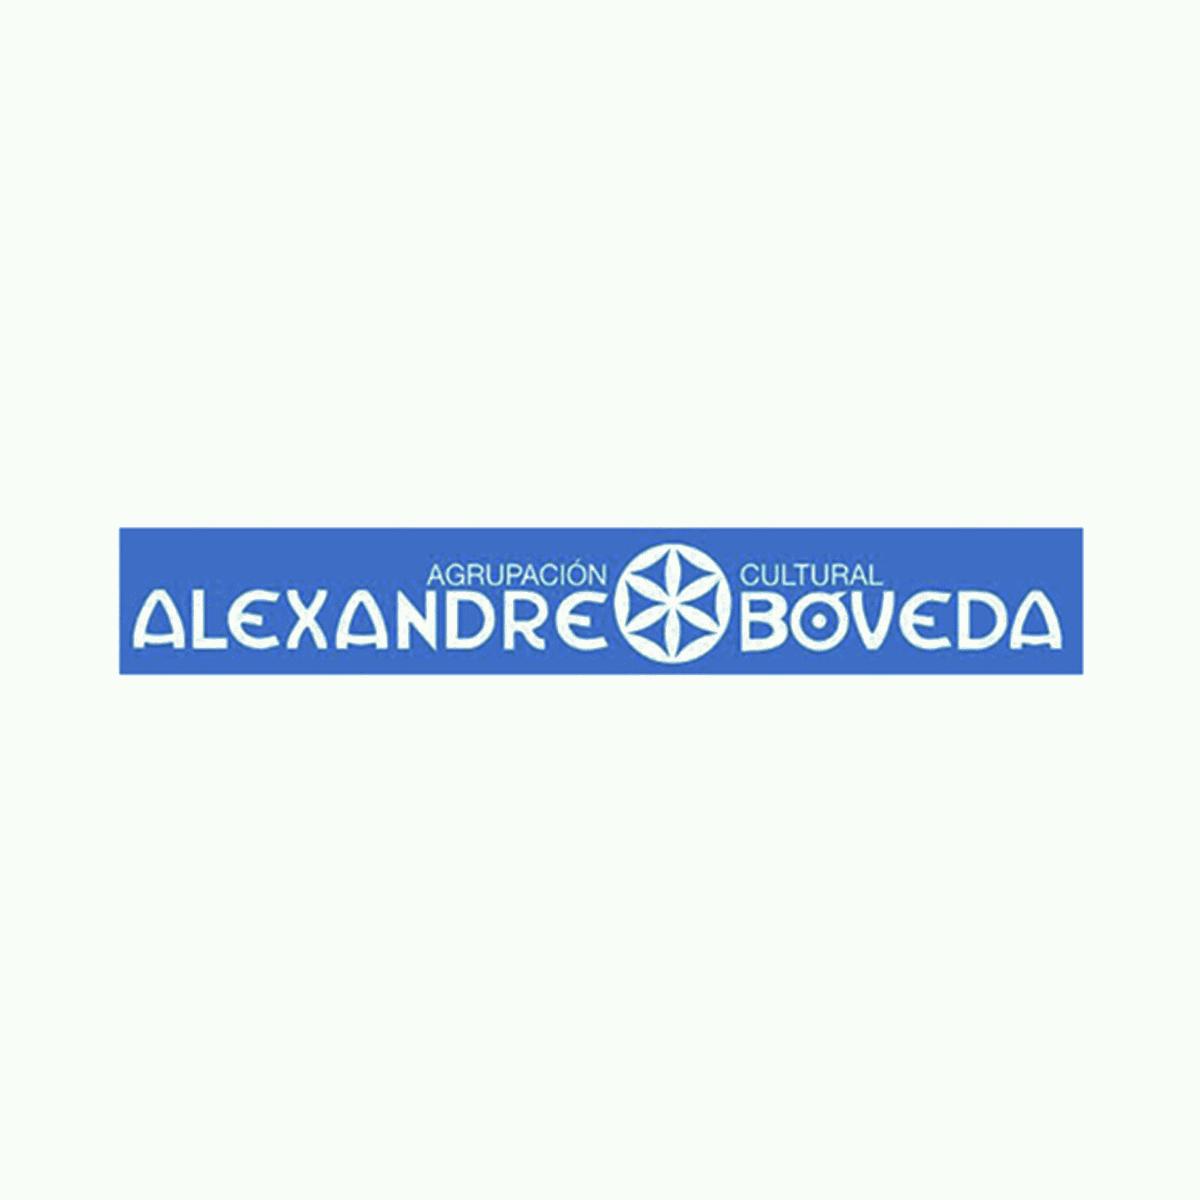 logo alexandre boveda